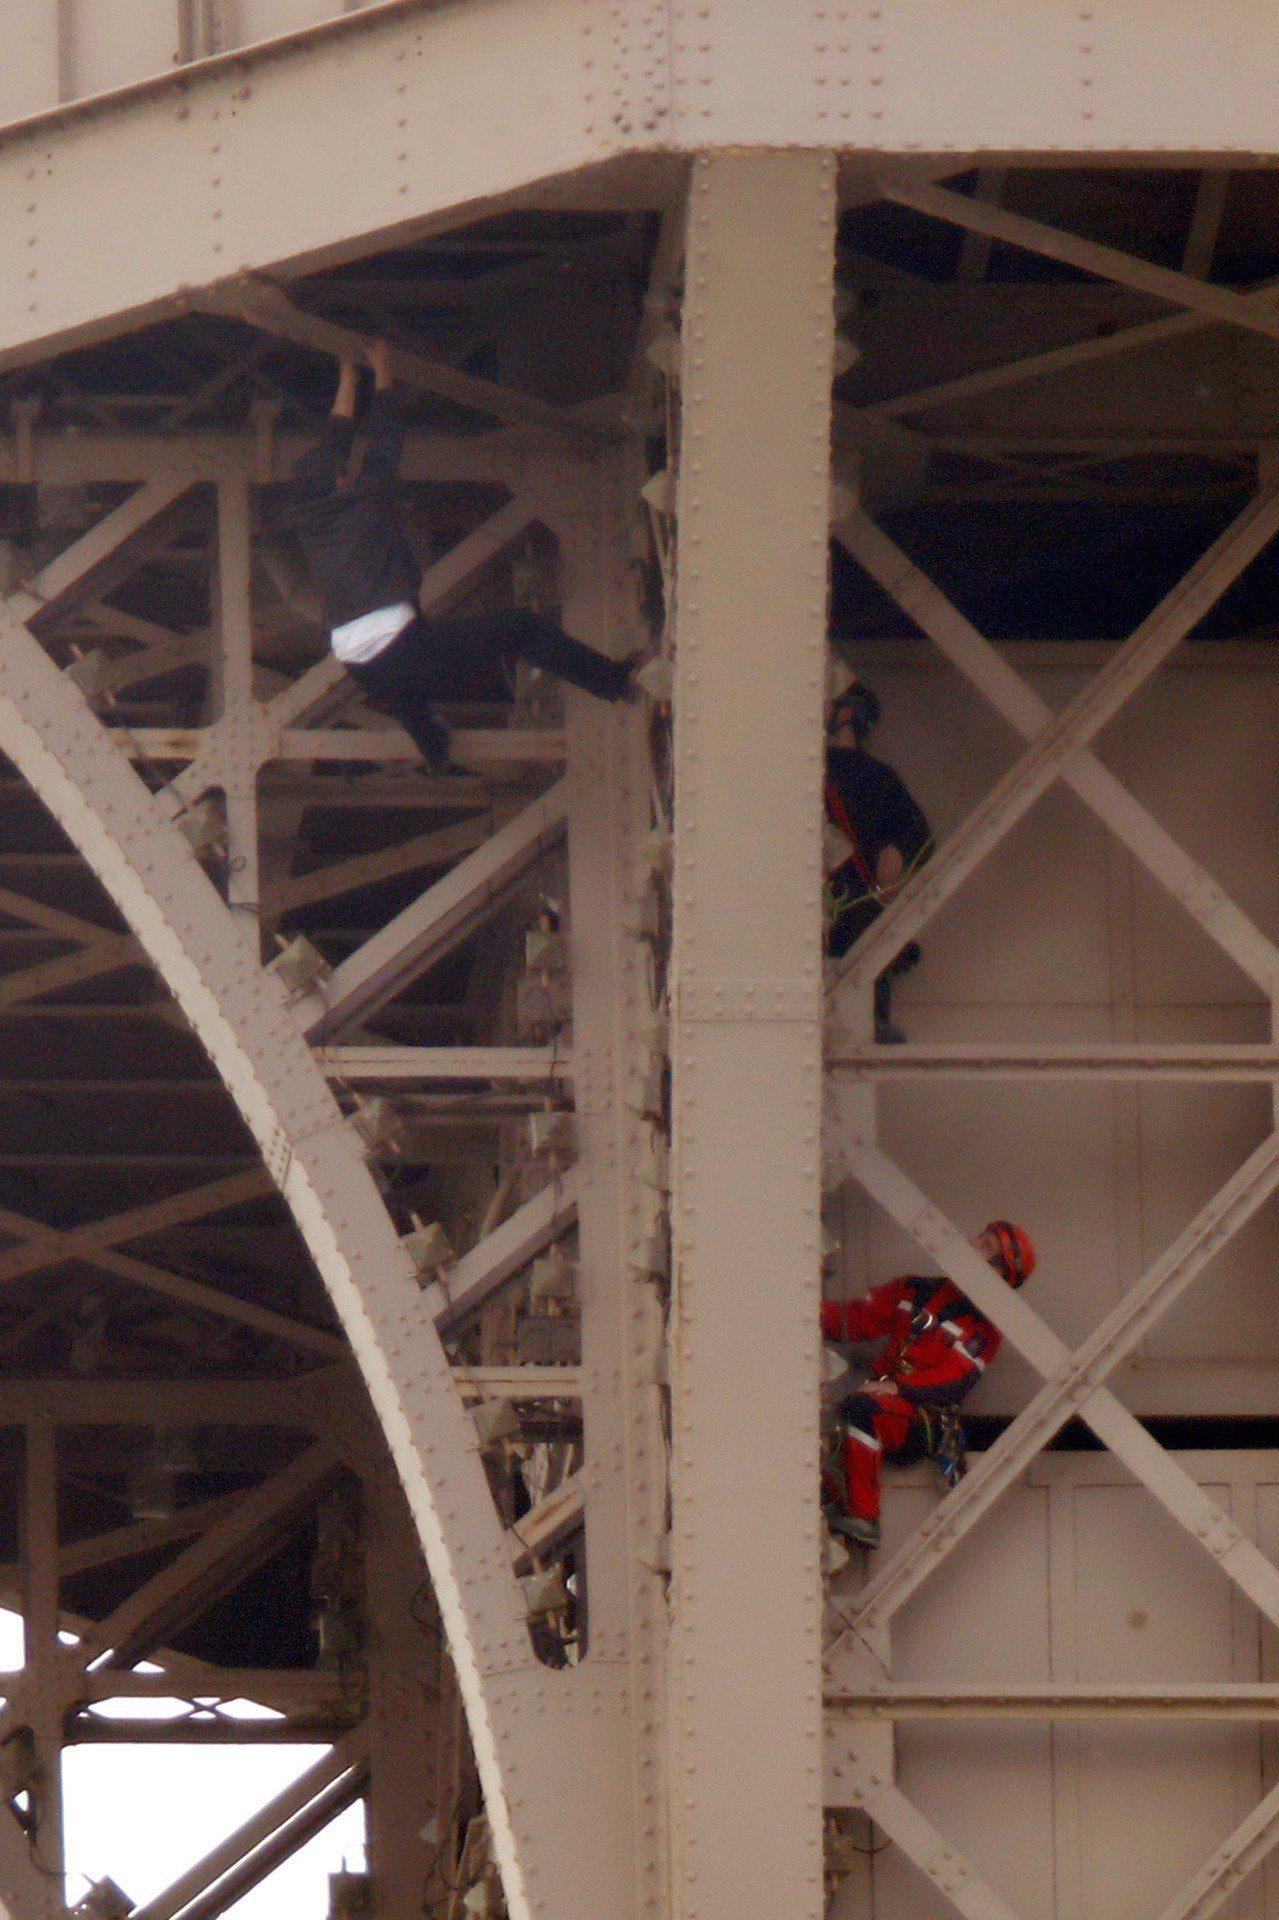 法國巴黎知名地標艾菲爾鐵塔,20日下午因為1名男子徒手攀爬鐵塔,導致當局緊急封鎖...